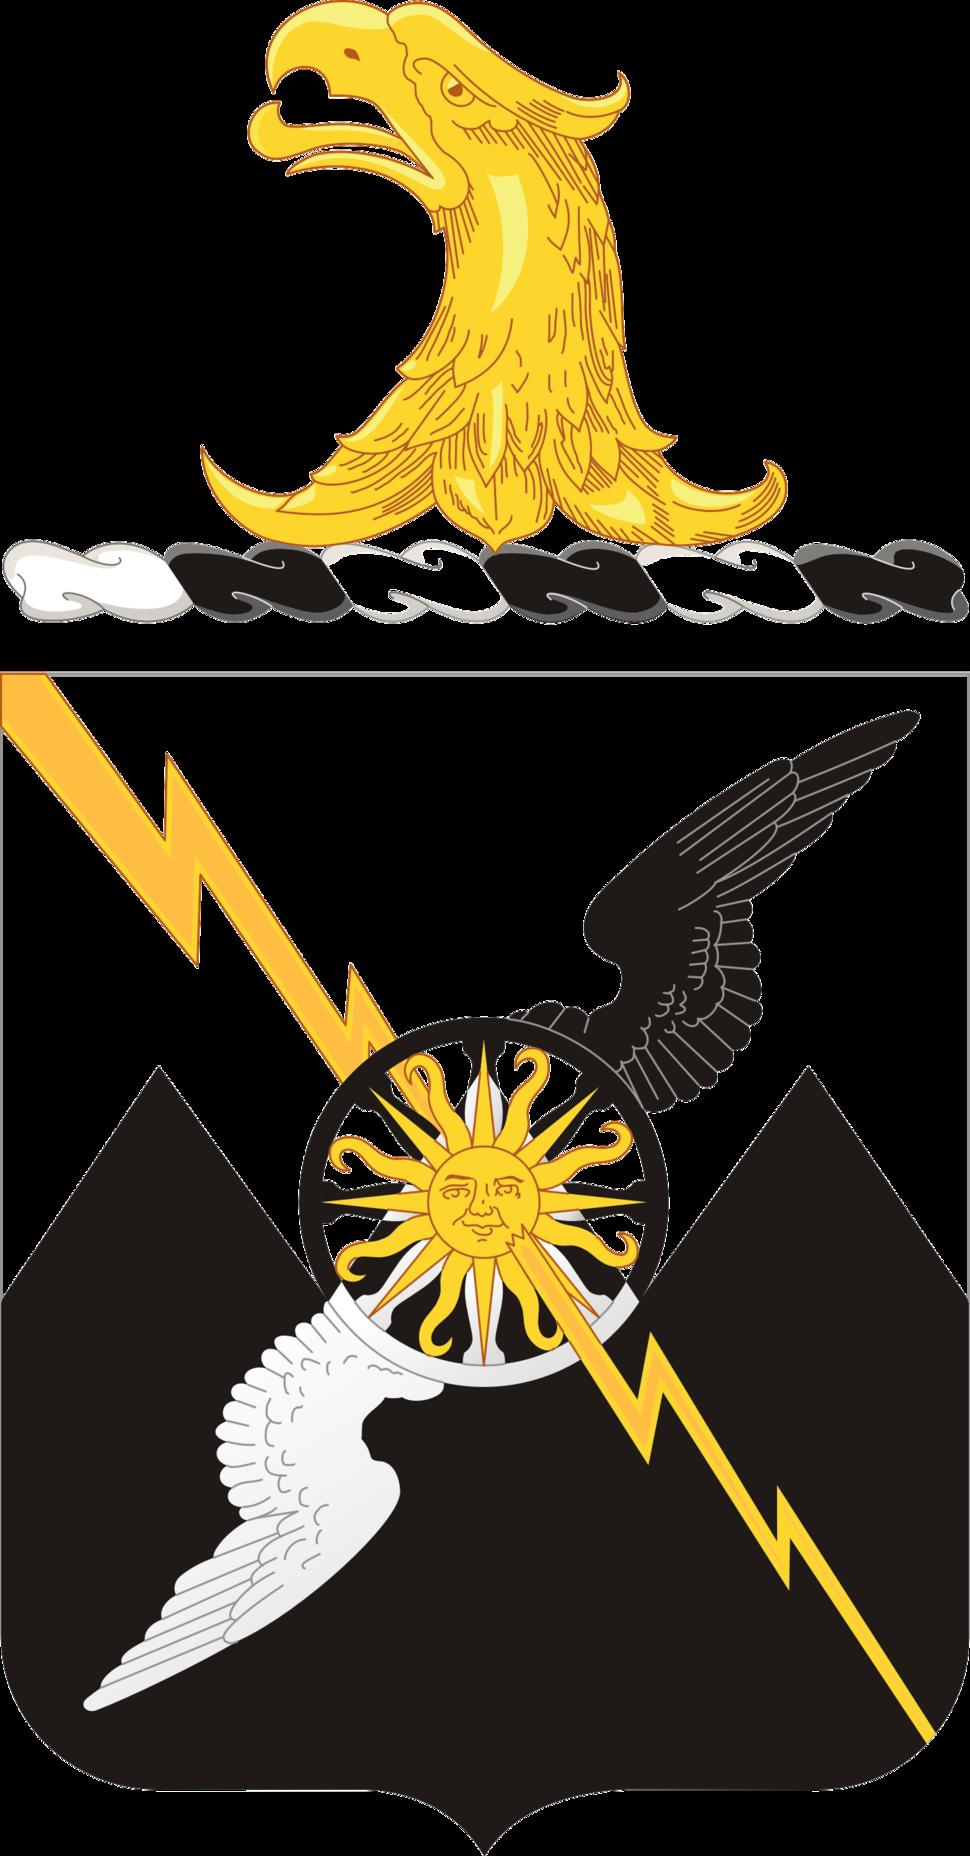 61st Coast Artillery Regiment COA